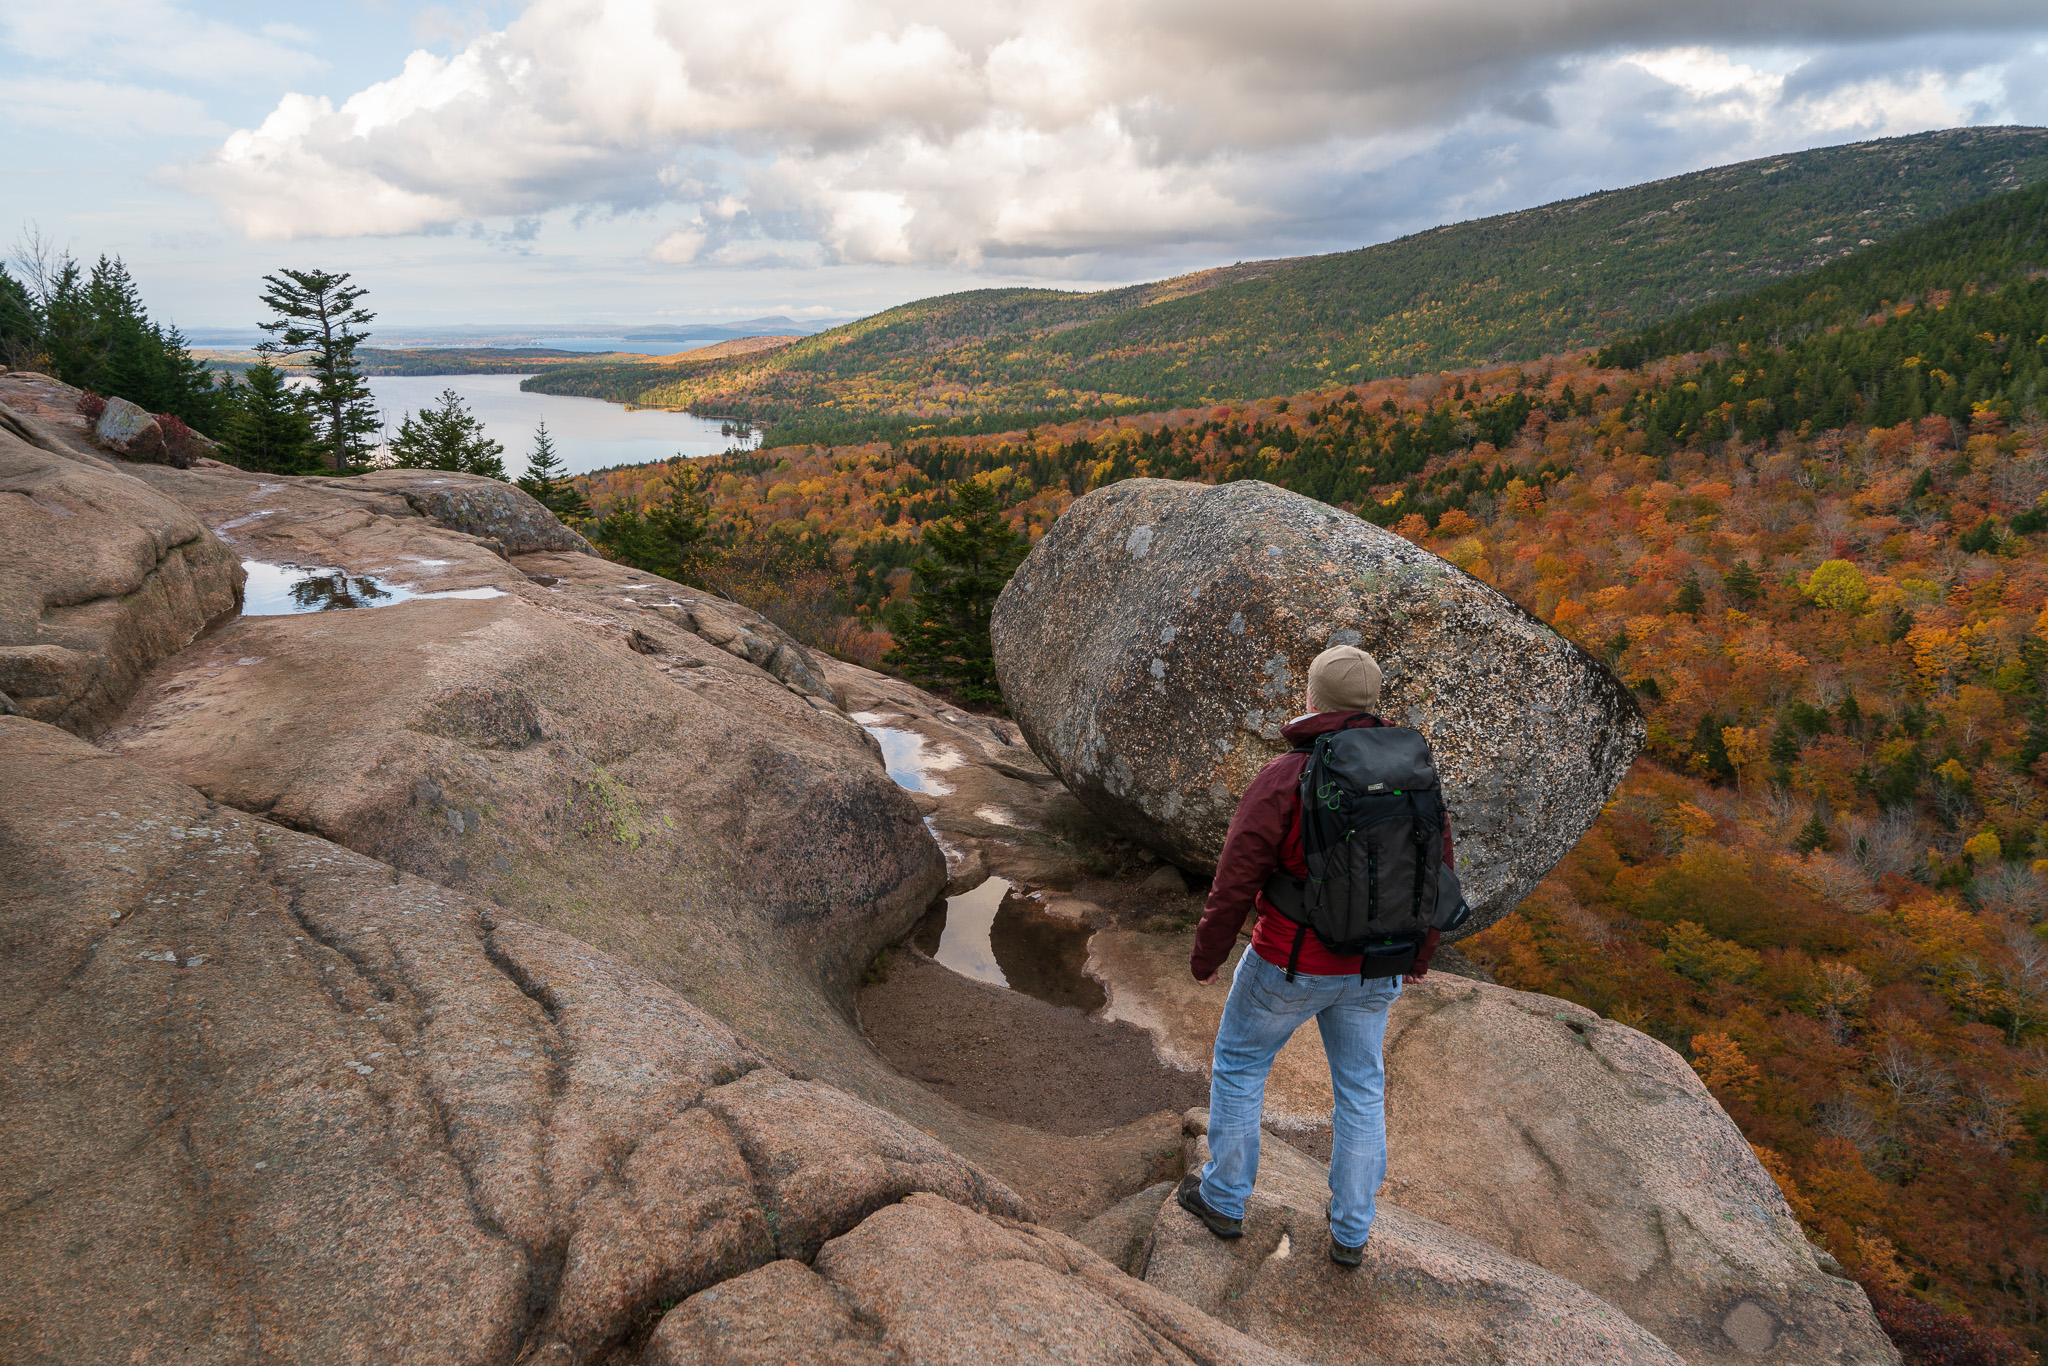 Hiker At Balance Rock In Acadia